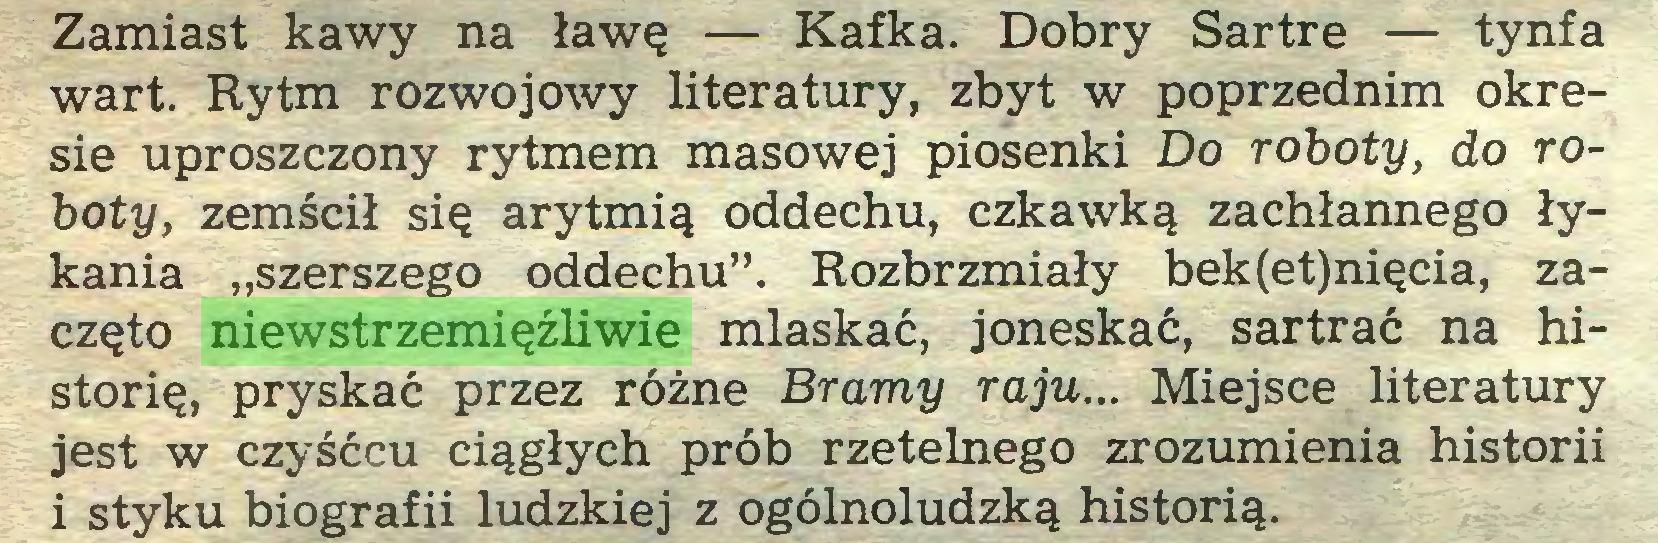 """(...) Zamiast kawy na ławę — Kafka. Dobry Sartre — tynfa wart. Rytm rozwojowy literatury, zbyt w poprzednim okresie uproszczony rytmem masowej piosenki Do roboty, do roboty, zemścił się arytmią oddechu, czkawką zachłannego łykania """"szerszego oddechu"""". Rozbrzmiały bek(et)nięcia, zaczęto niewstrzemięźliwie mlaskać, joneskać, sartrać na historię, pryskać przez różne Bramy raju... Miejsce literatury jest w czyśćcu ciągłych prób rzetelnego zrozumienia historii i styku biografii ludzkiej z ogólnoludzką historią..."""